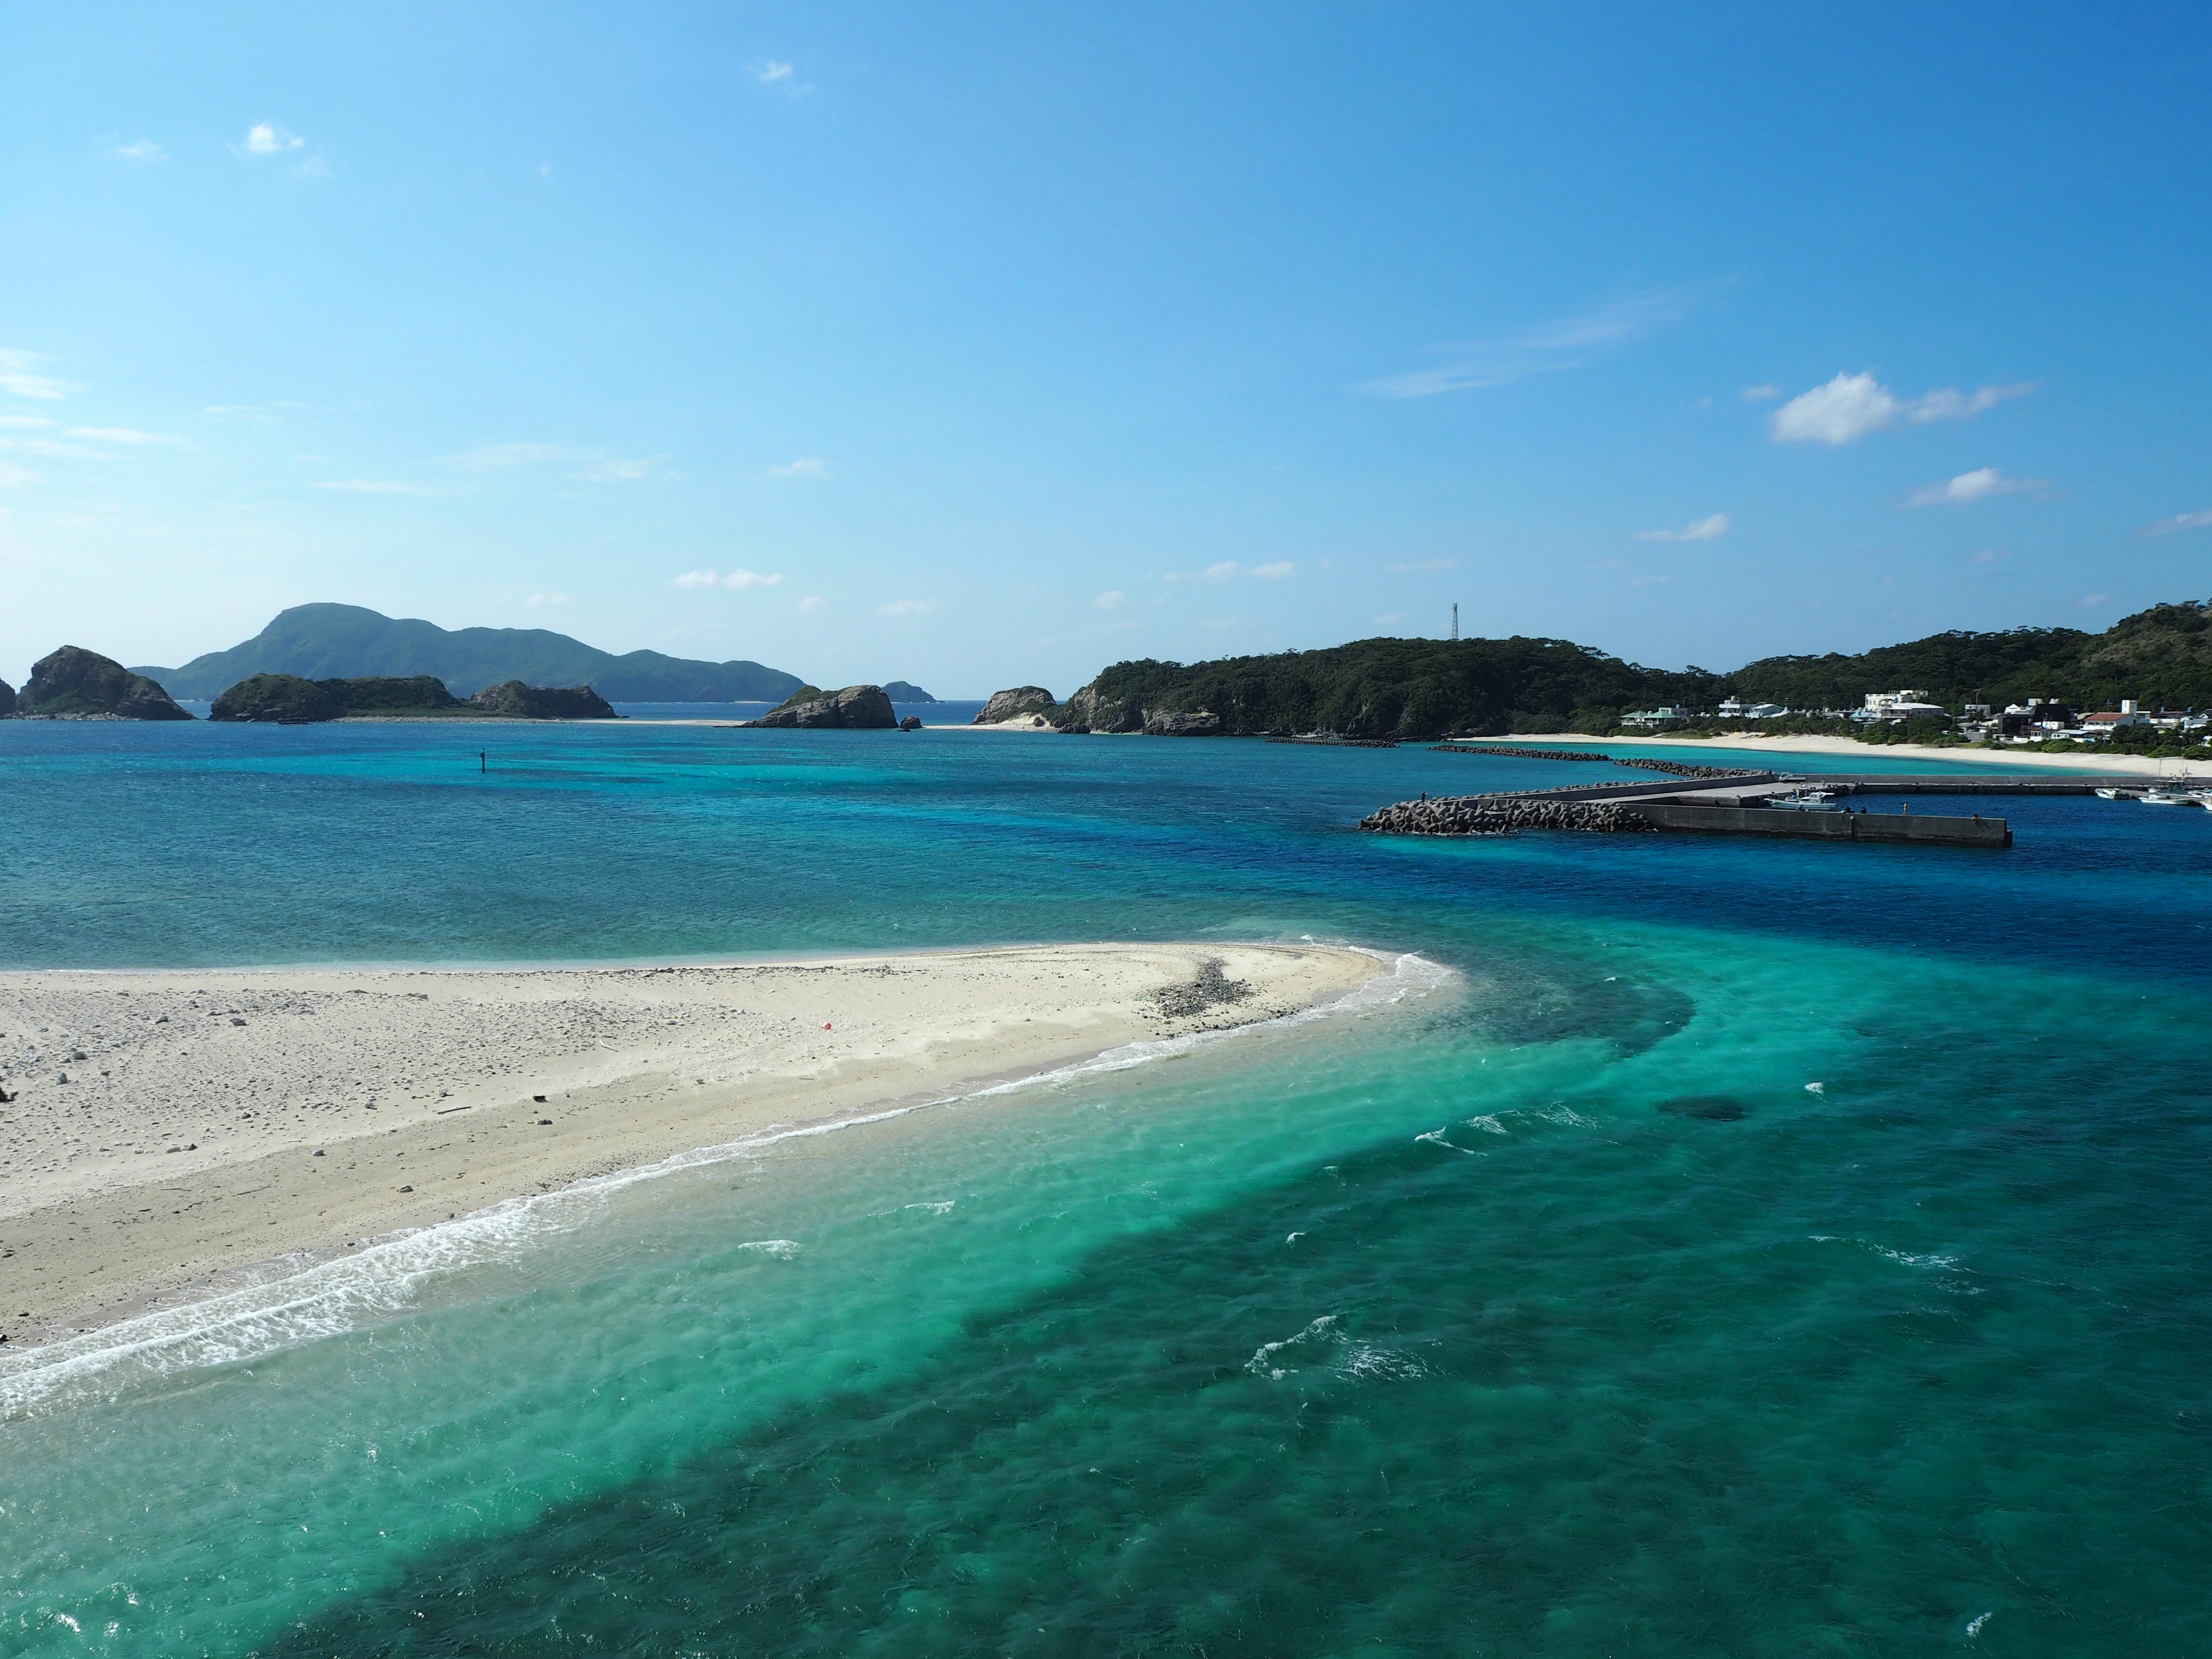 慶良間諸島の中でもとりわけ美しい阿嘉島の海